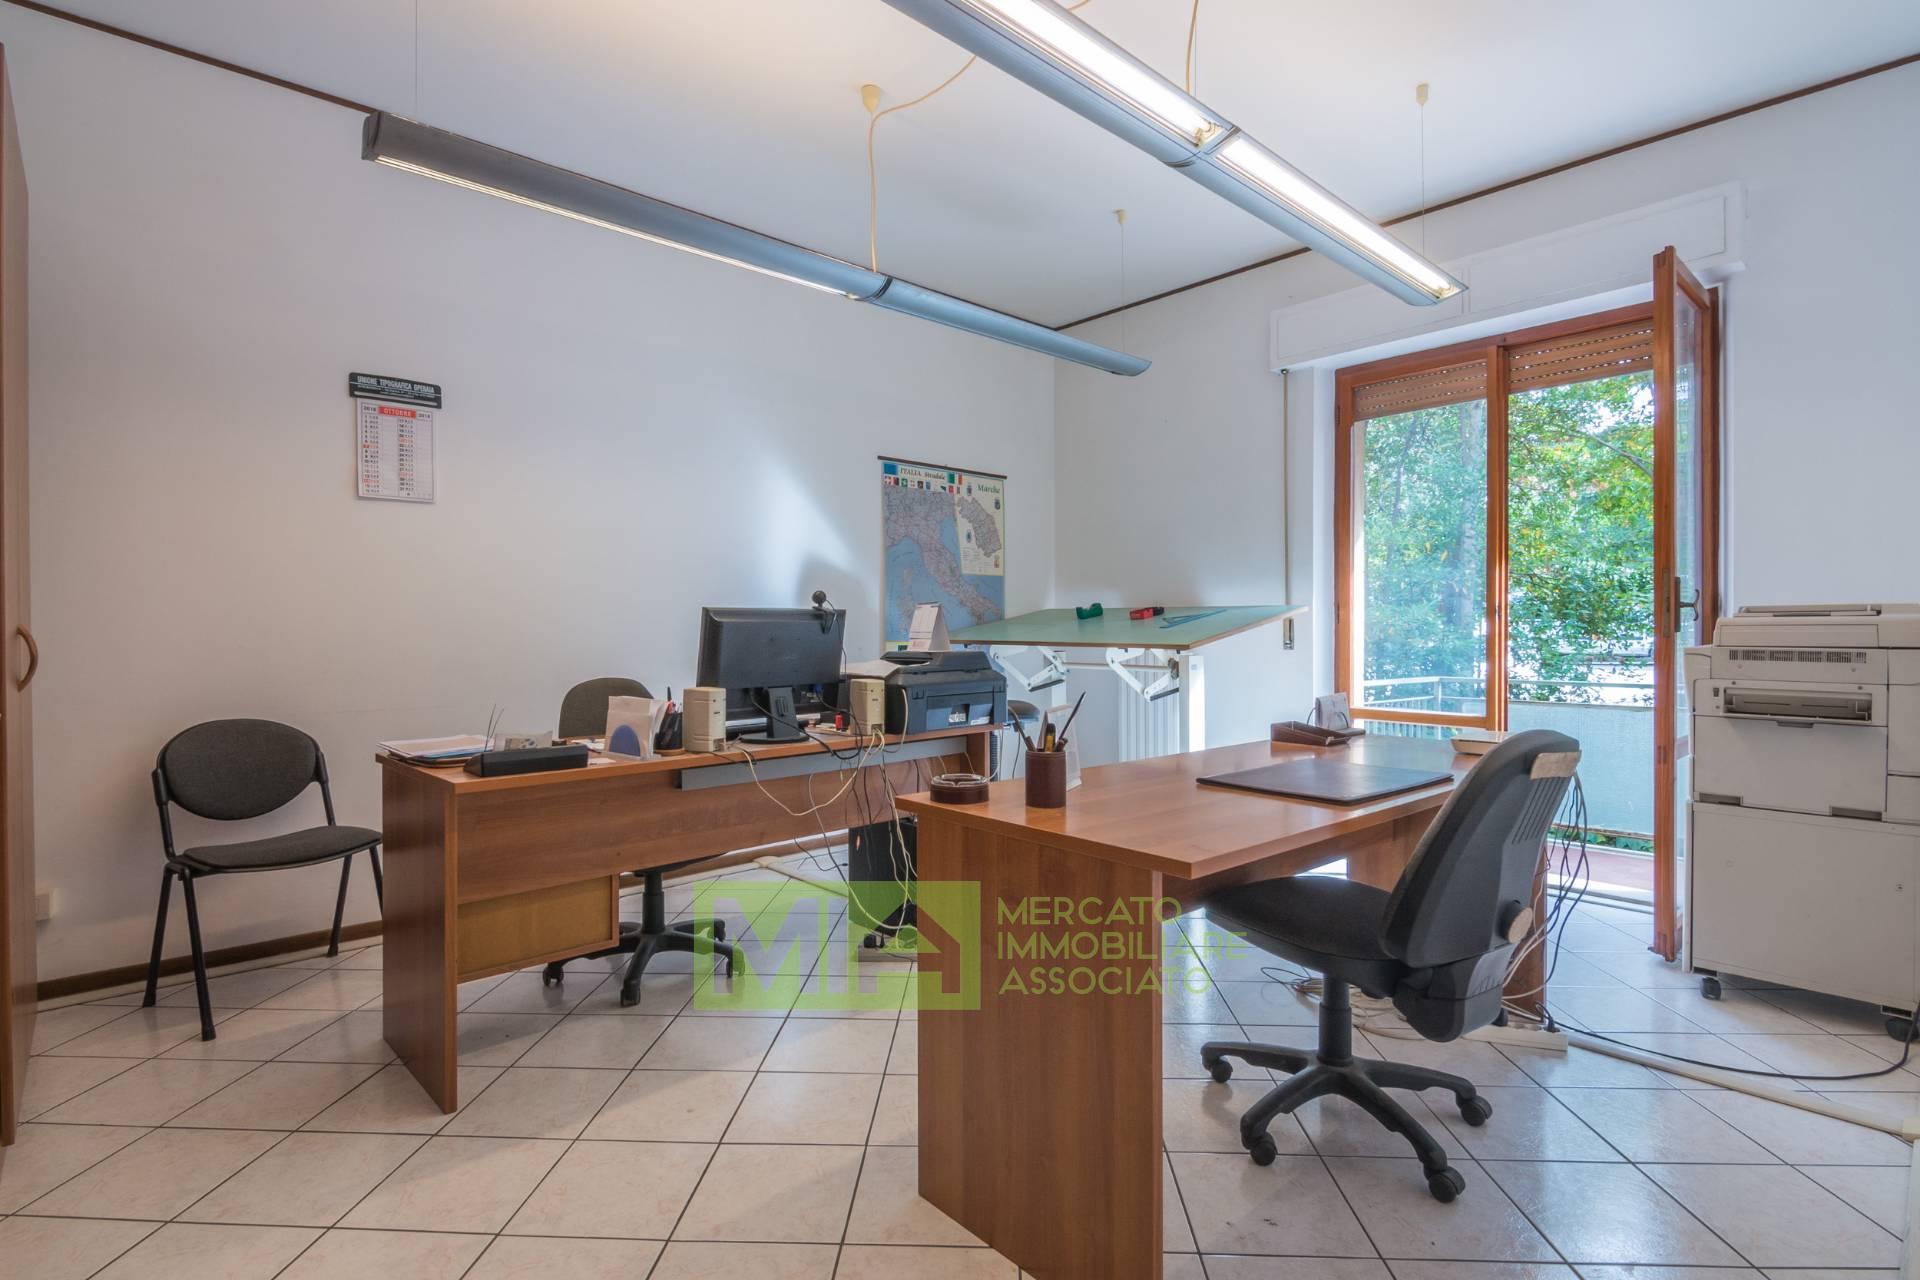 Appartamento in vendita a Macerata, 6 locali, zona Località: STAZIONE, prezzo € 120.000 | CambioCasa.it